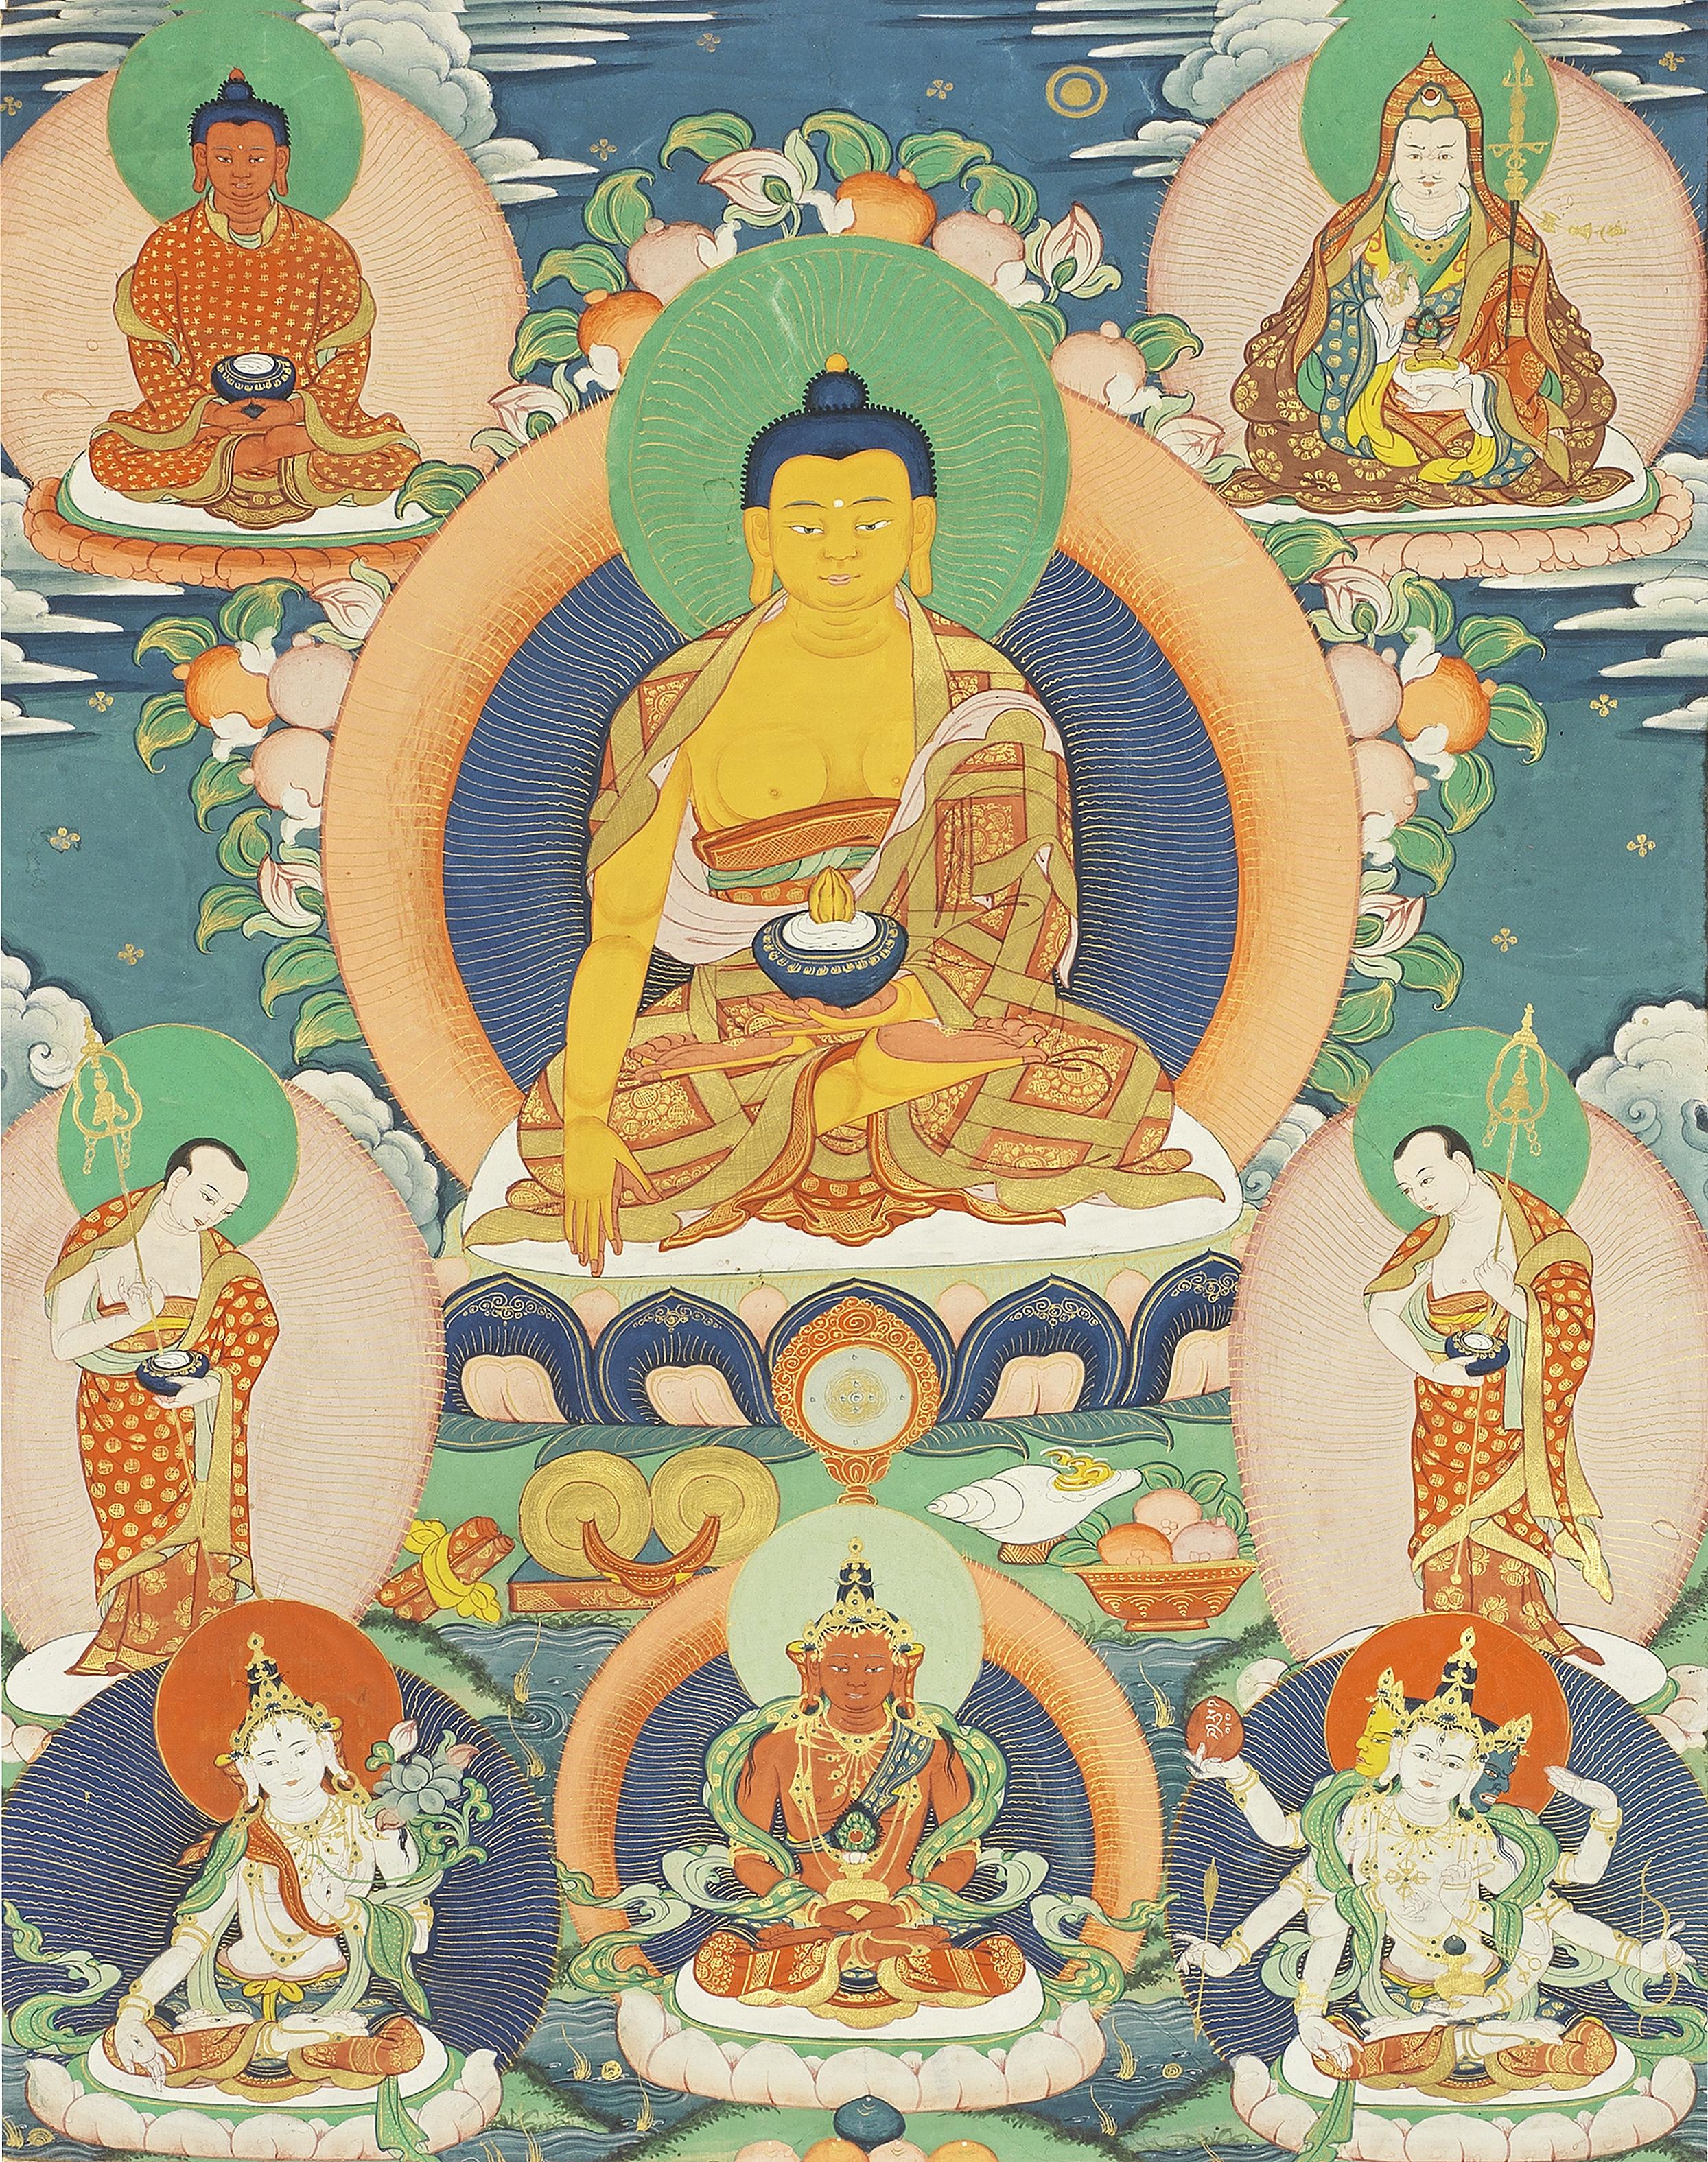 A THANGKA OF BUDDHA SHAKYAMUNI 19th/20th century